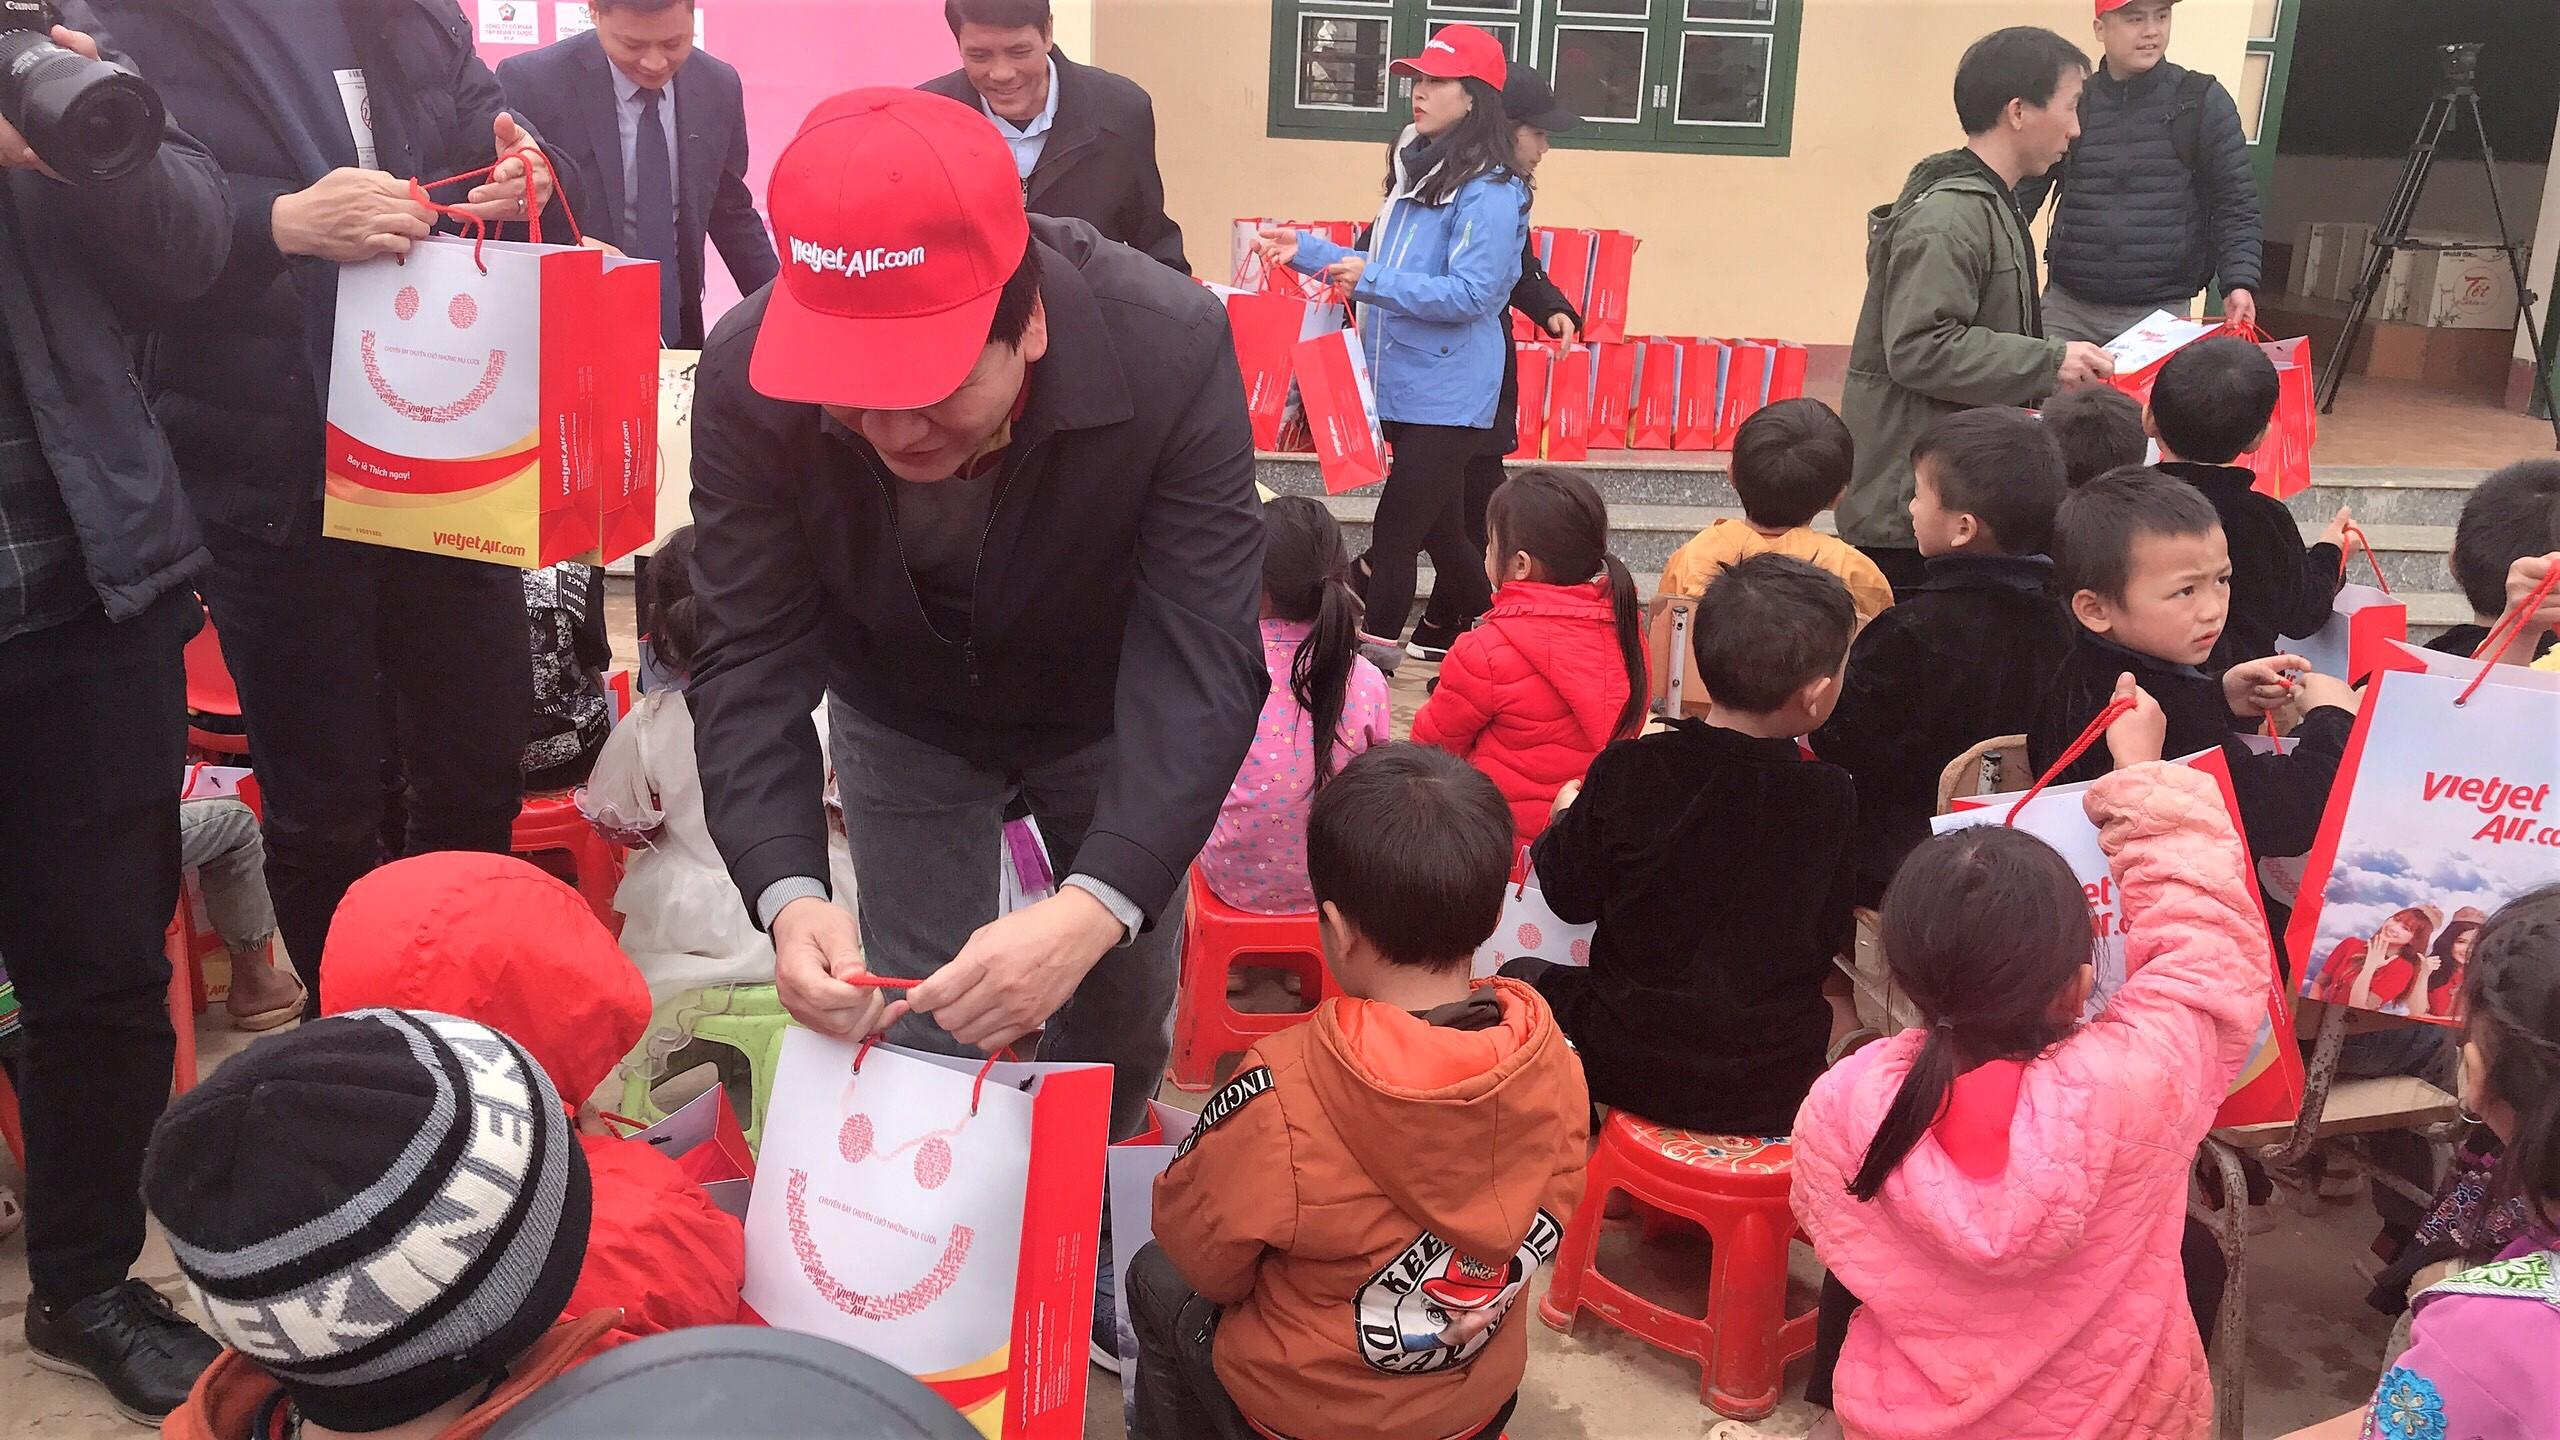 Ông Dương Hoài Nam, Giám đốc Văn phòng miền Bắc Công ty Cổ phần Hàng không Vietjet tặng quà học sinh điểm trường Bản Kha, xã Sín Chéng